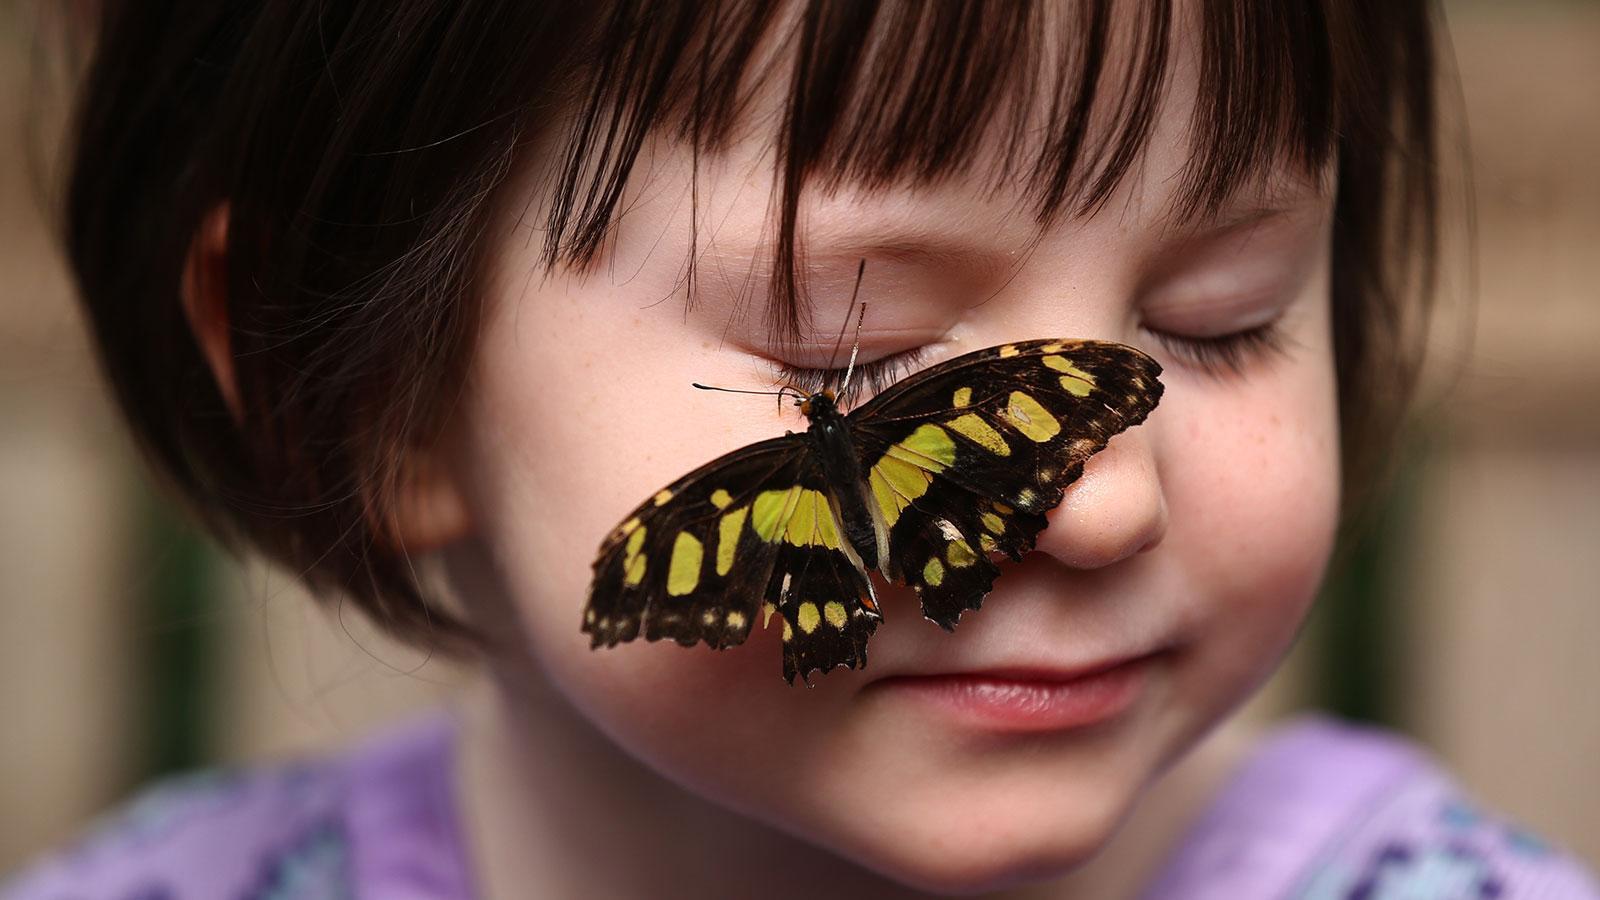 Φαινόμενο της πεταλούδας ή butterfly effect: Αληθινές Ιστορίες